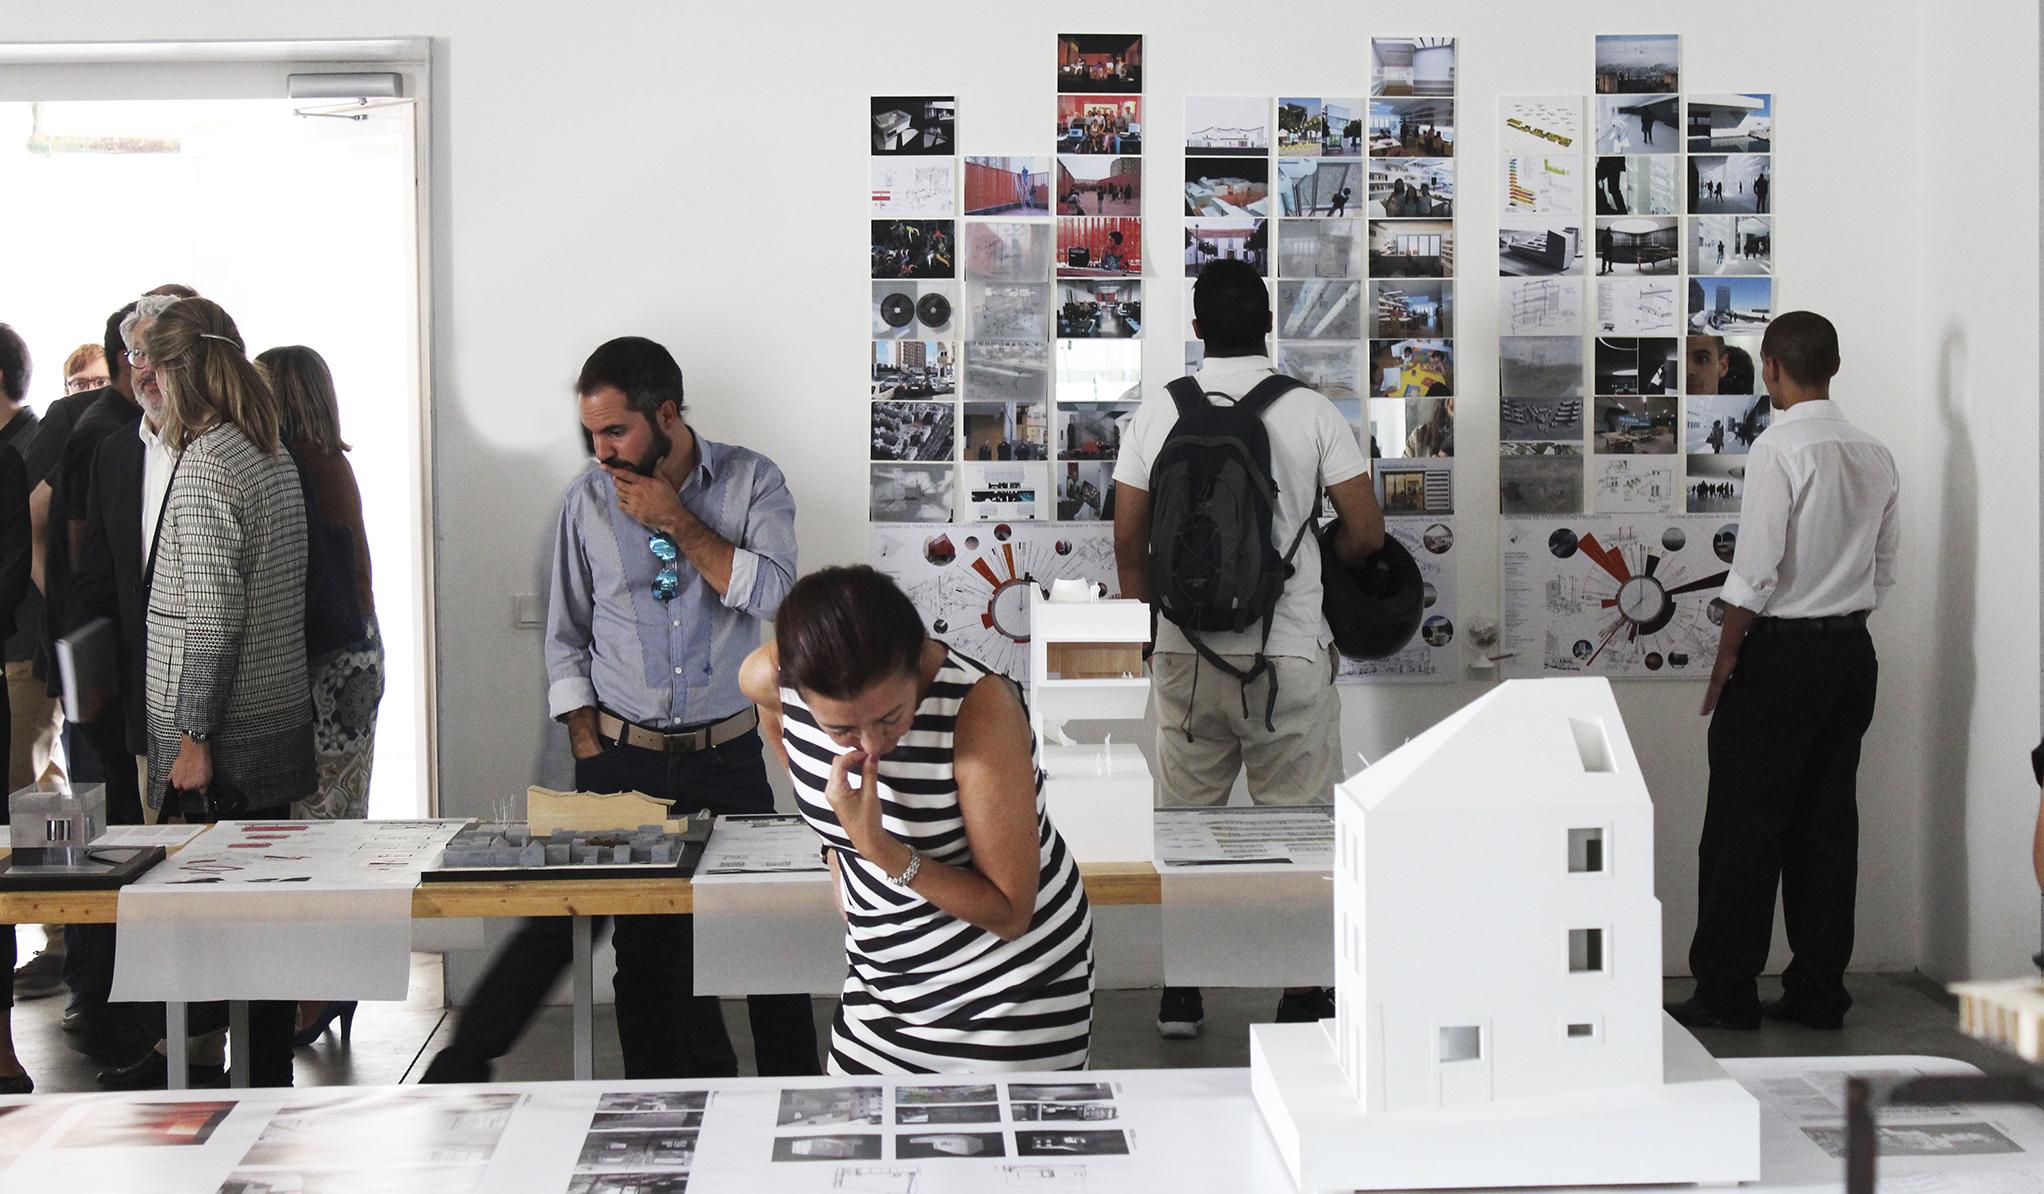 01_mediomundo arq_EVORA_ArquitecturaDispuesta